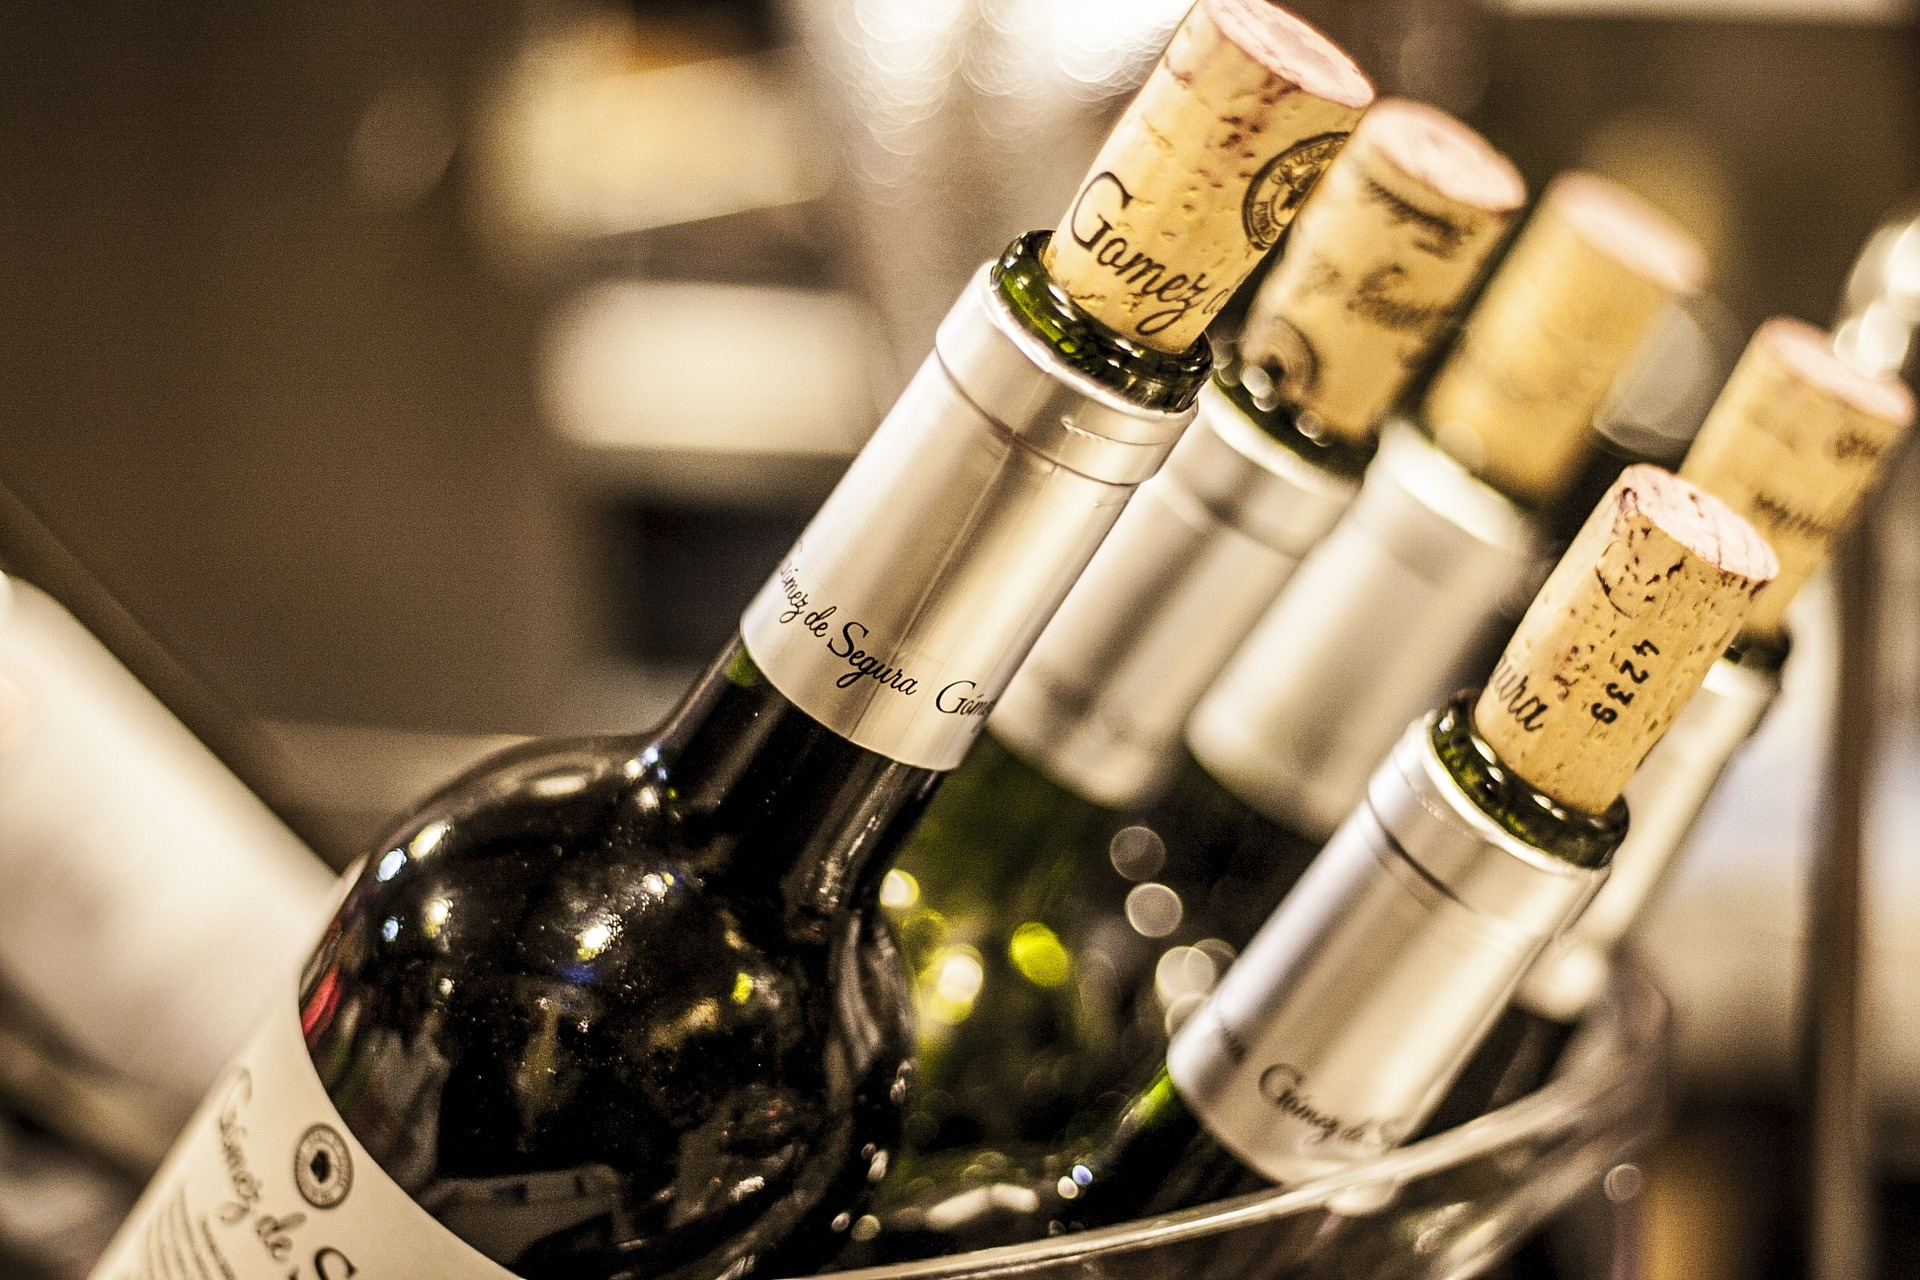 bottles-of-wine-3015285_1920.jpg